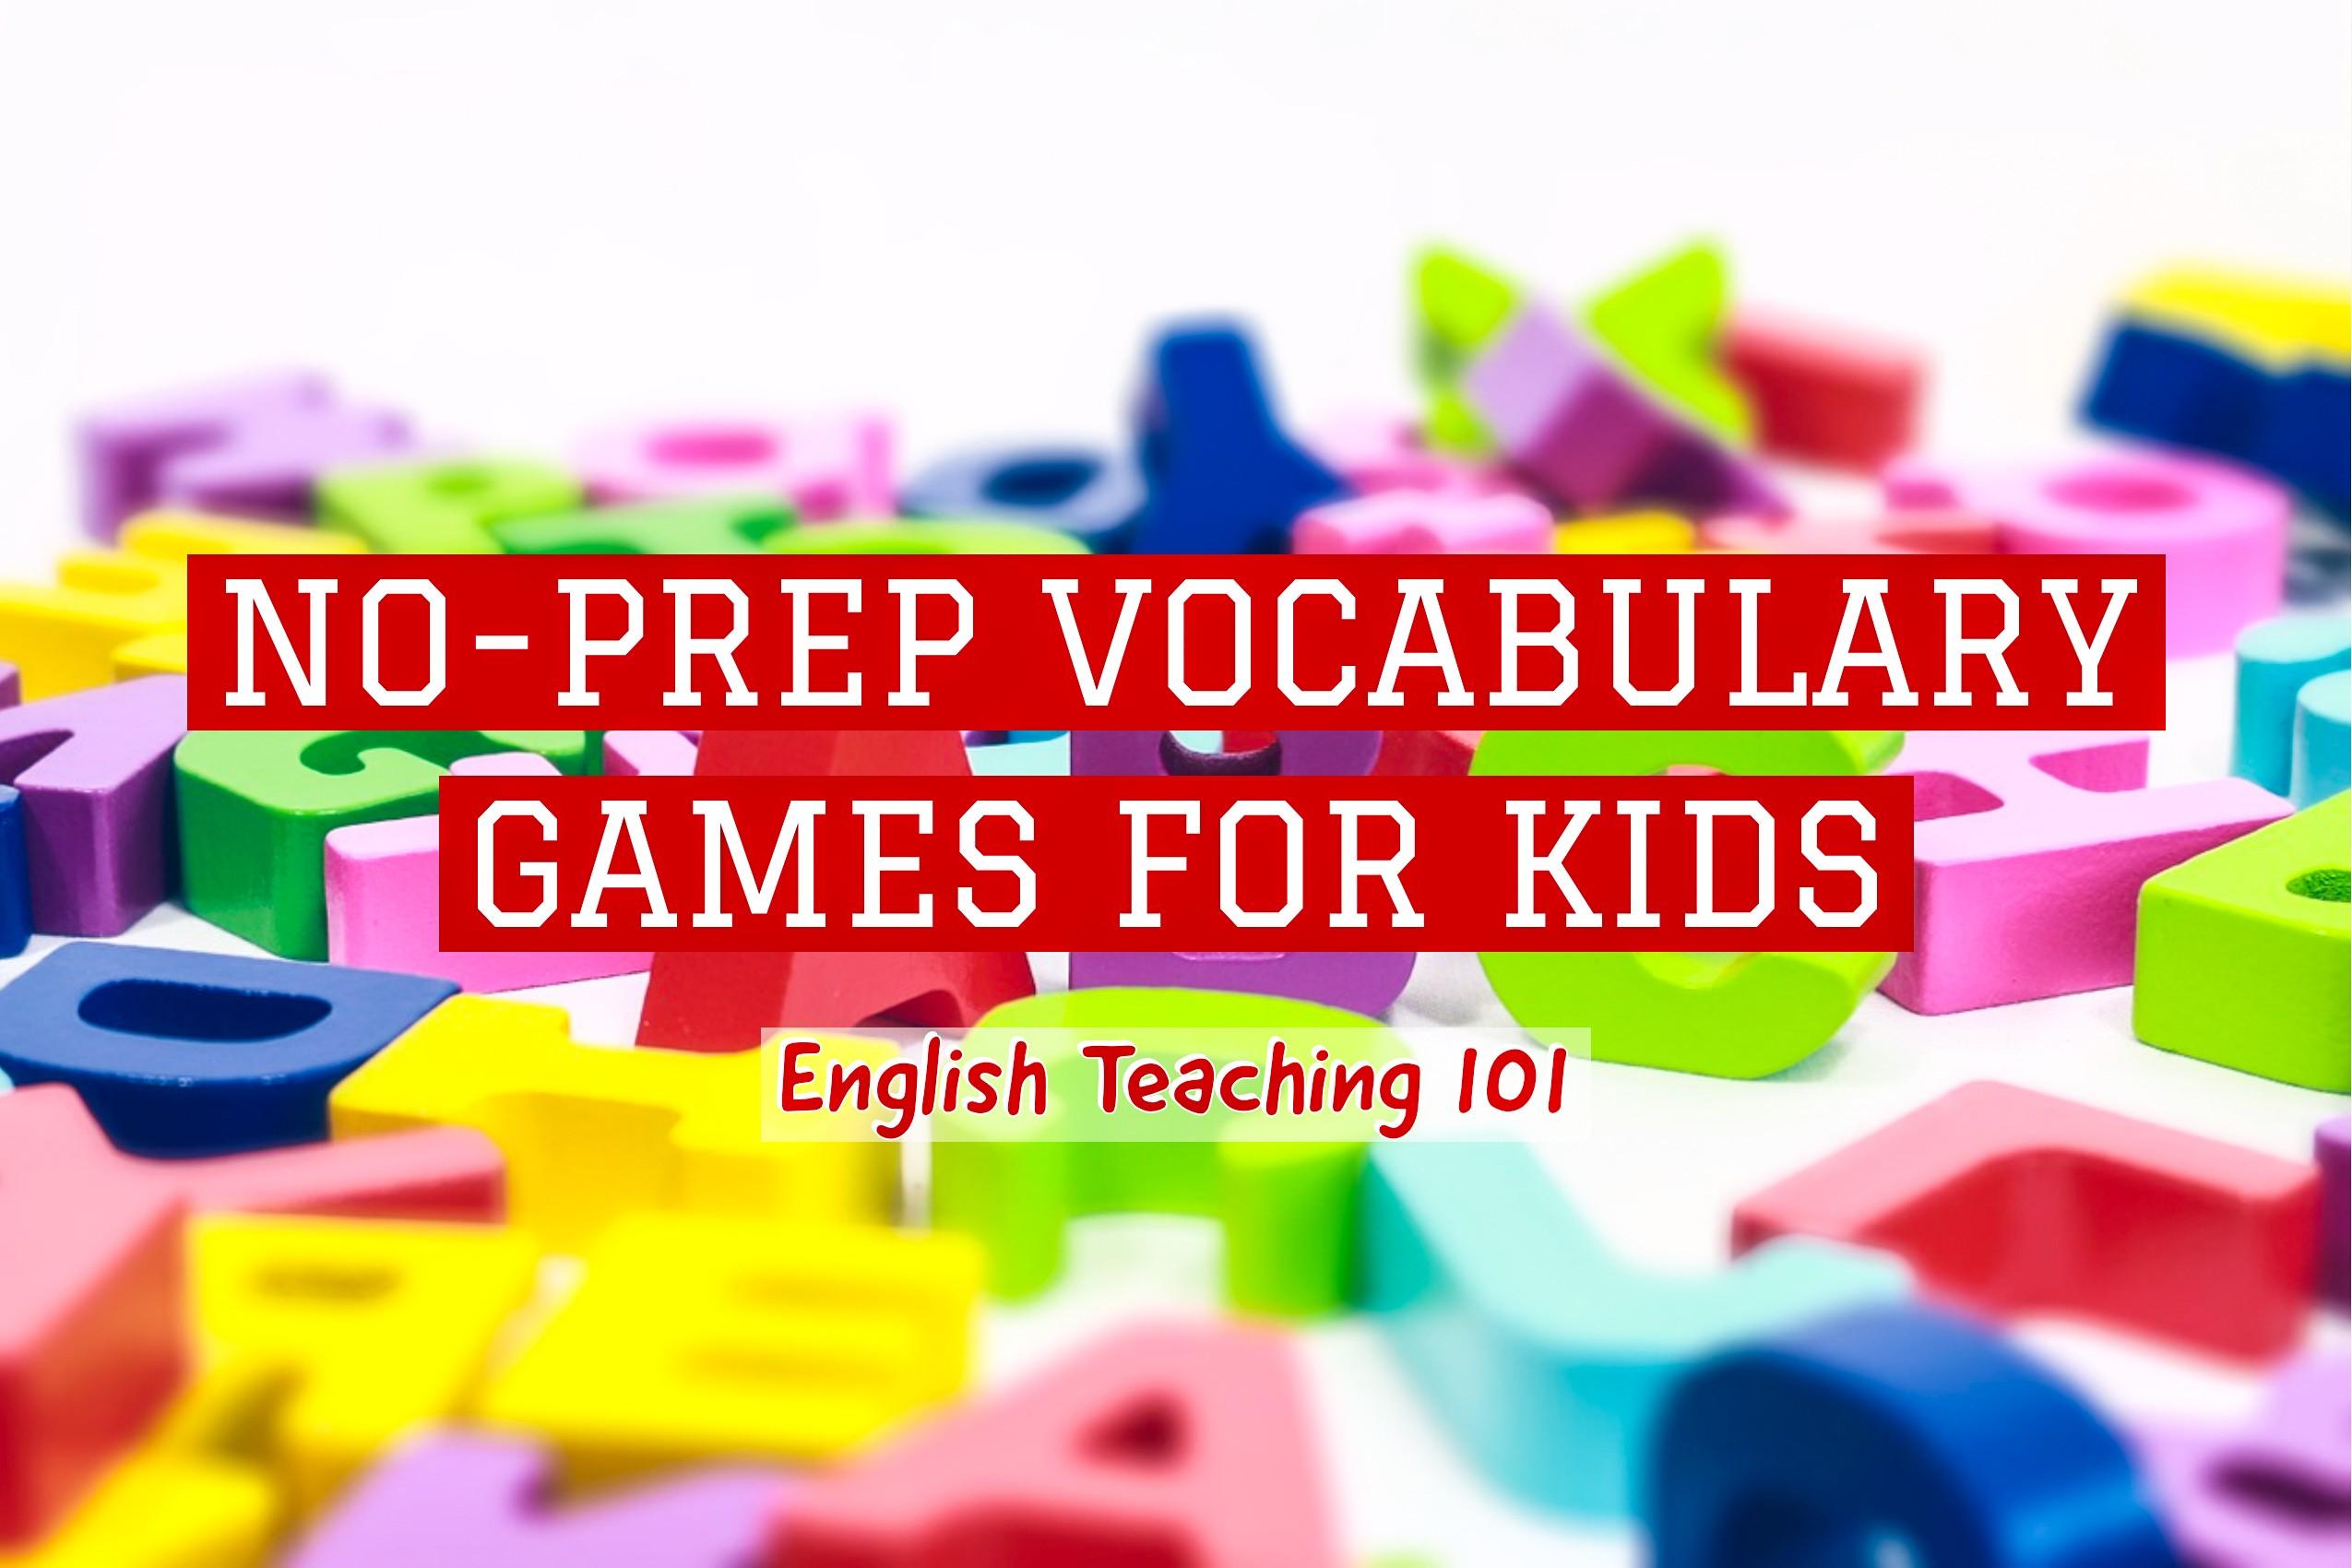 no-prep vocabulary games for kids